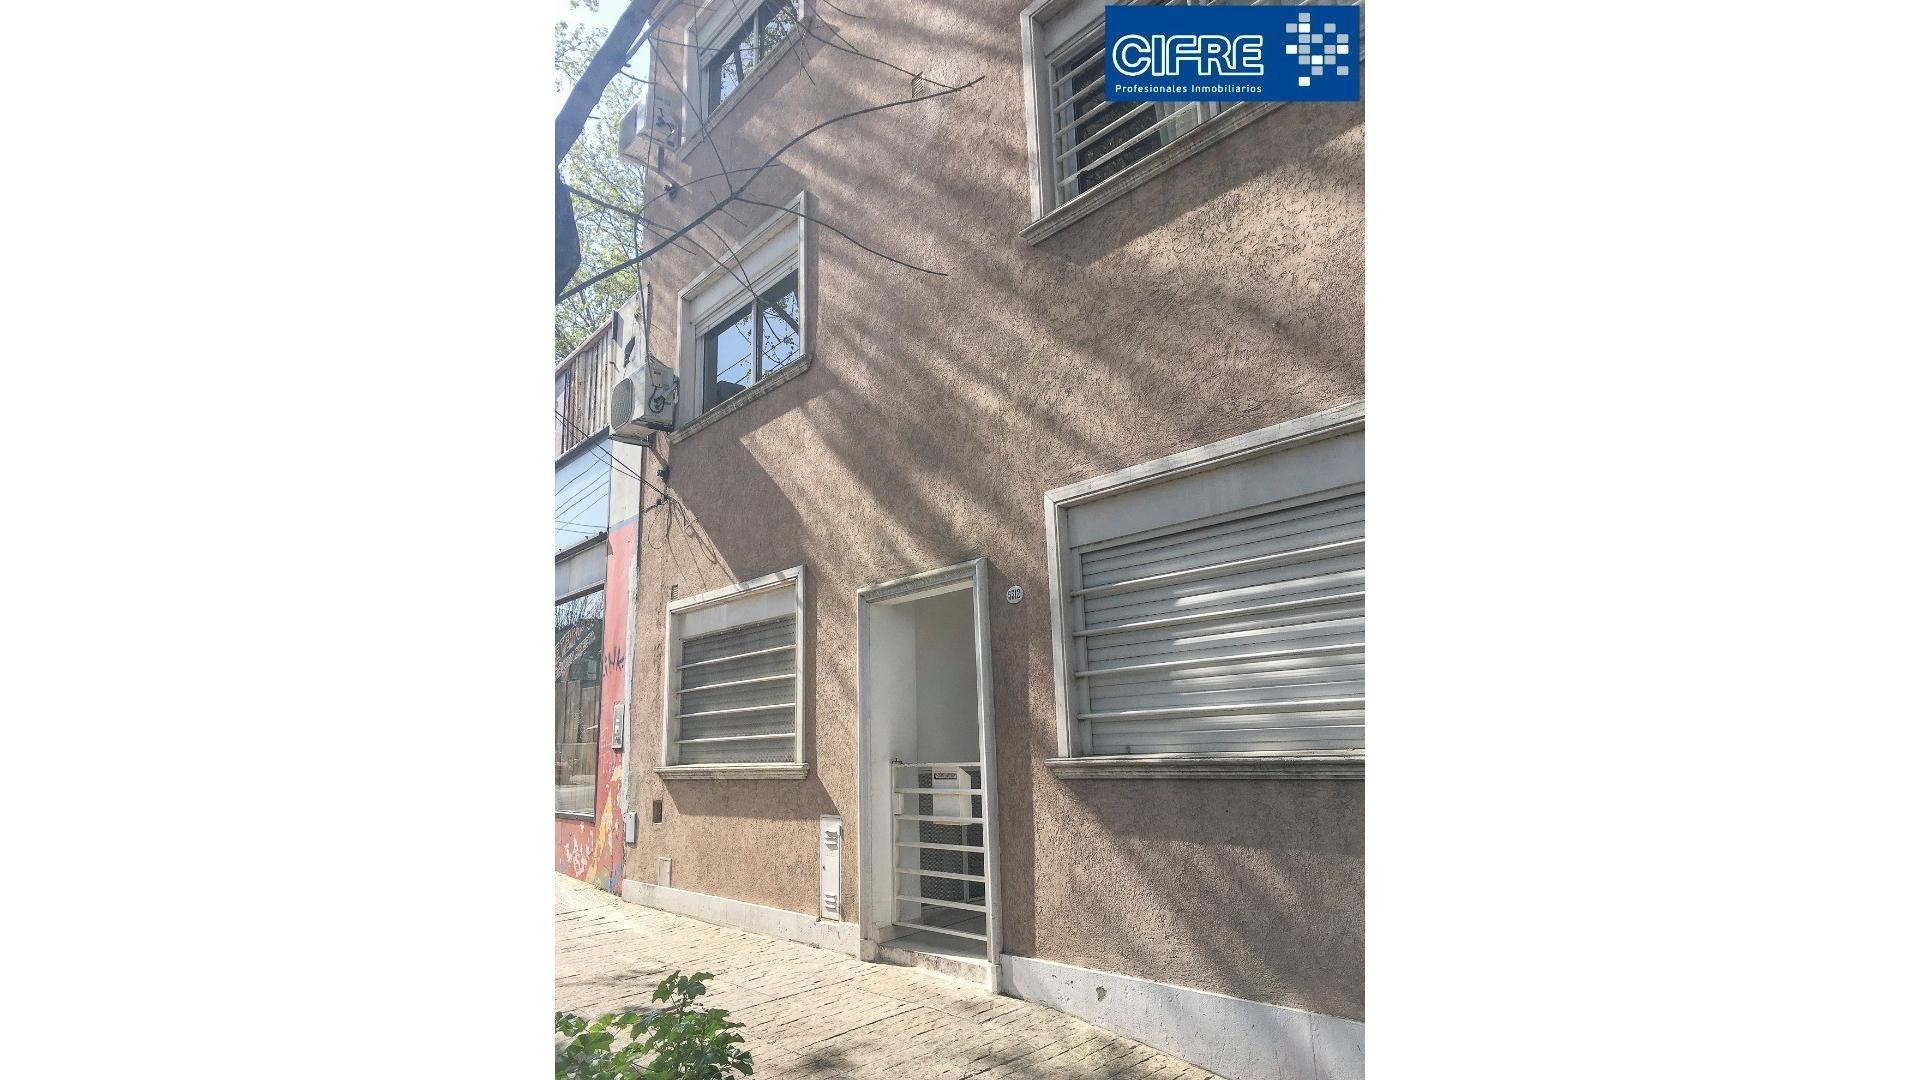 3 ambientes en duplex primer piso por escalera.Terraza propia ( Suc.Urquiza 4521-3333 )